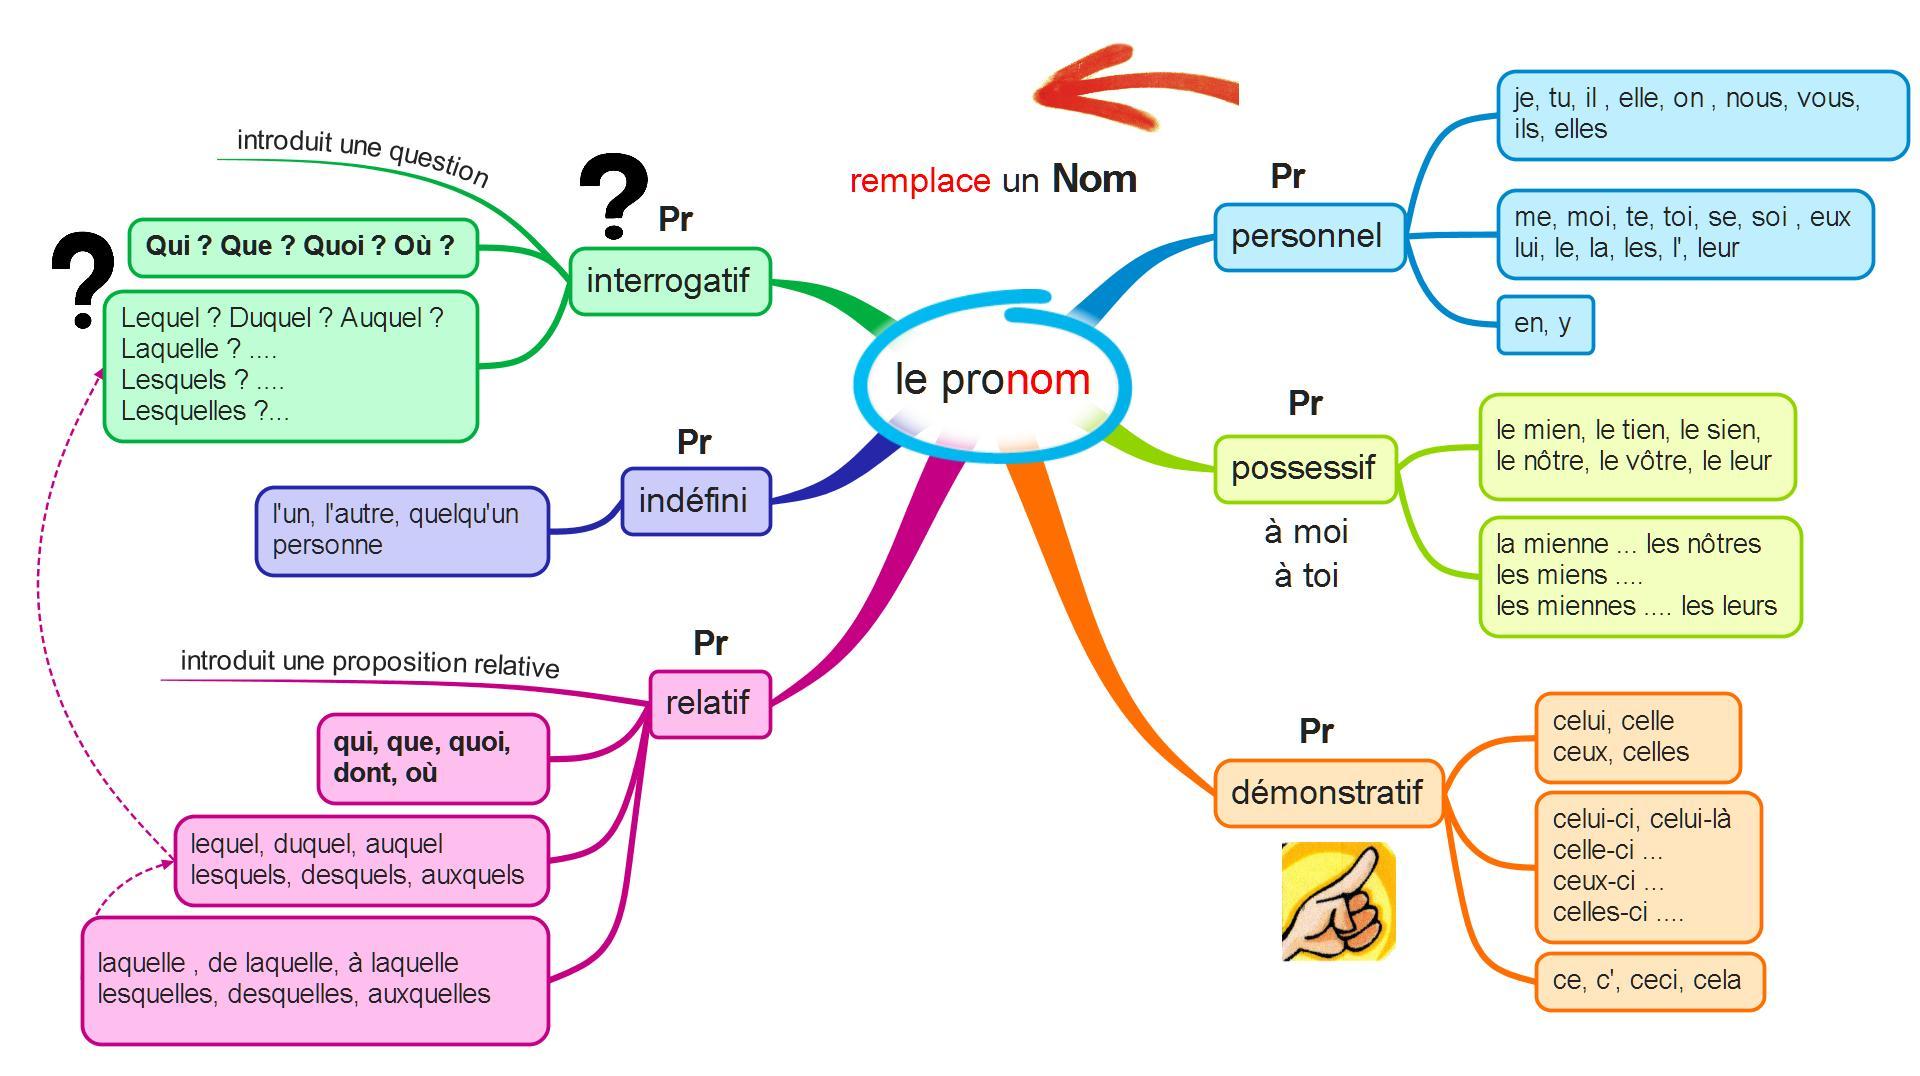 Dans ce tutoriel nous expliquerons comment changer les paramètres linguistiques de Firefox en français ou vers une toute autre langue. Choisir Add-ons. Cliquez ensuite sur Plugins sur la sidebar à gauche, enfin écrivez le nom de la langue souhaitée sur la barre de recherche, par exemple français